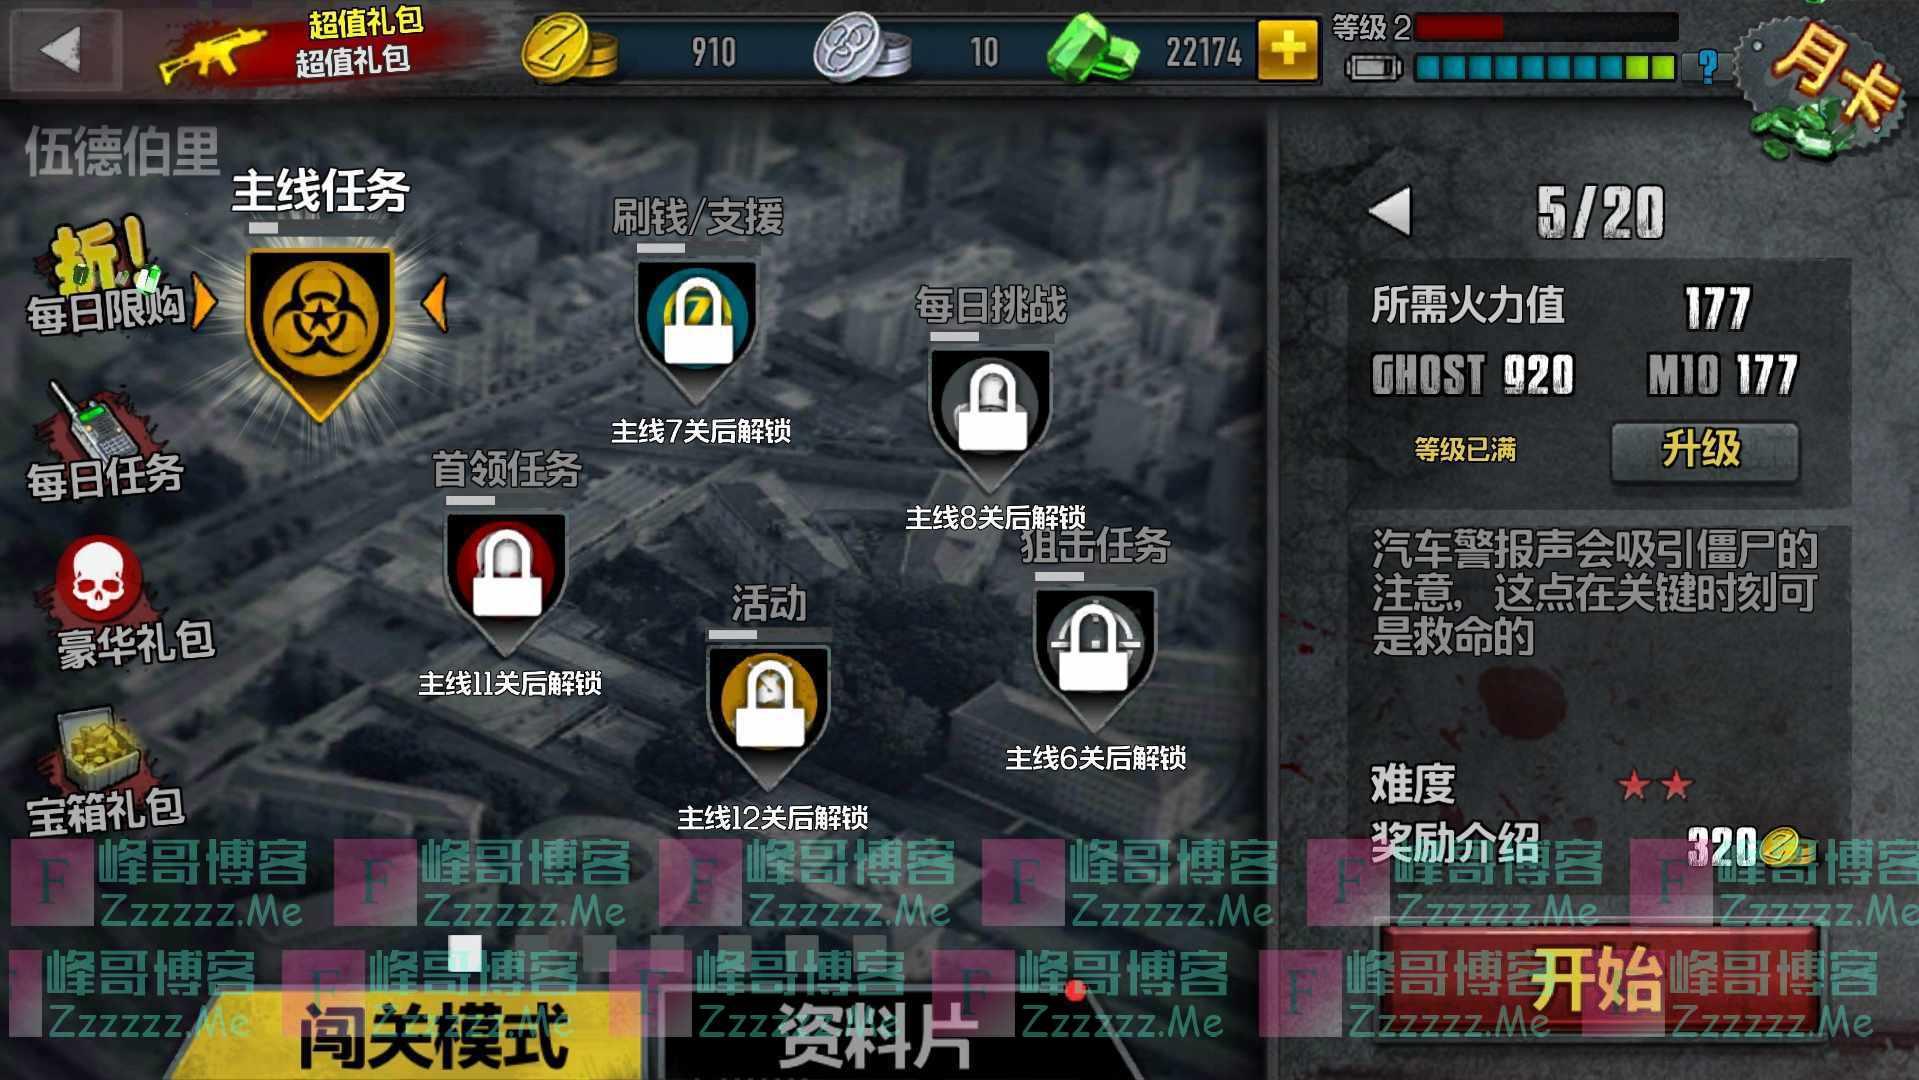 安卓僵尸前线4 V1.74 无限宝石内购破解版下载